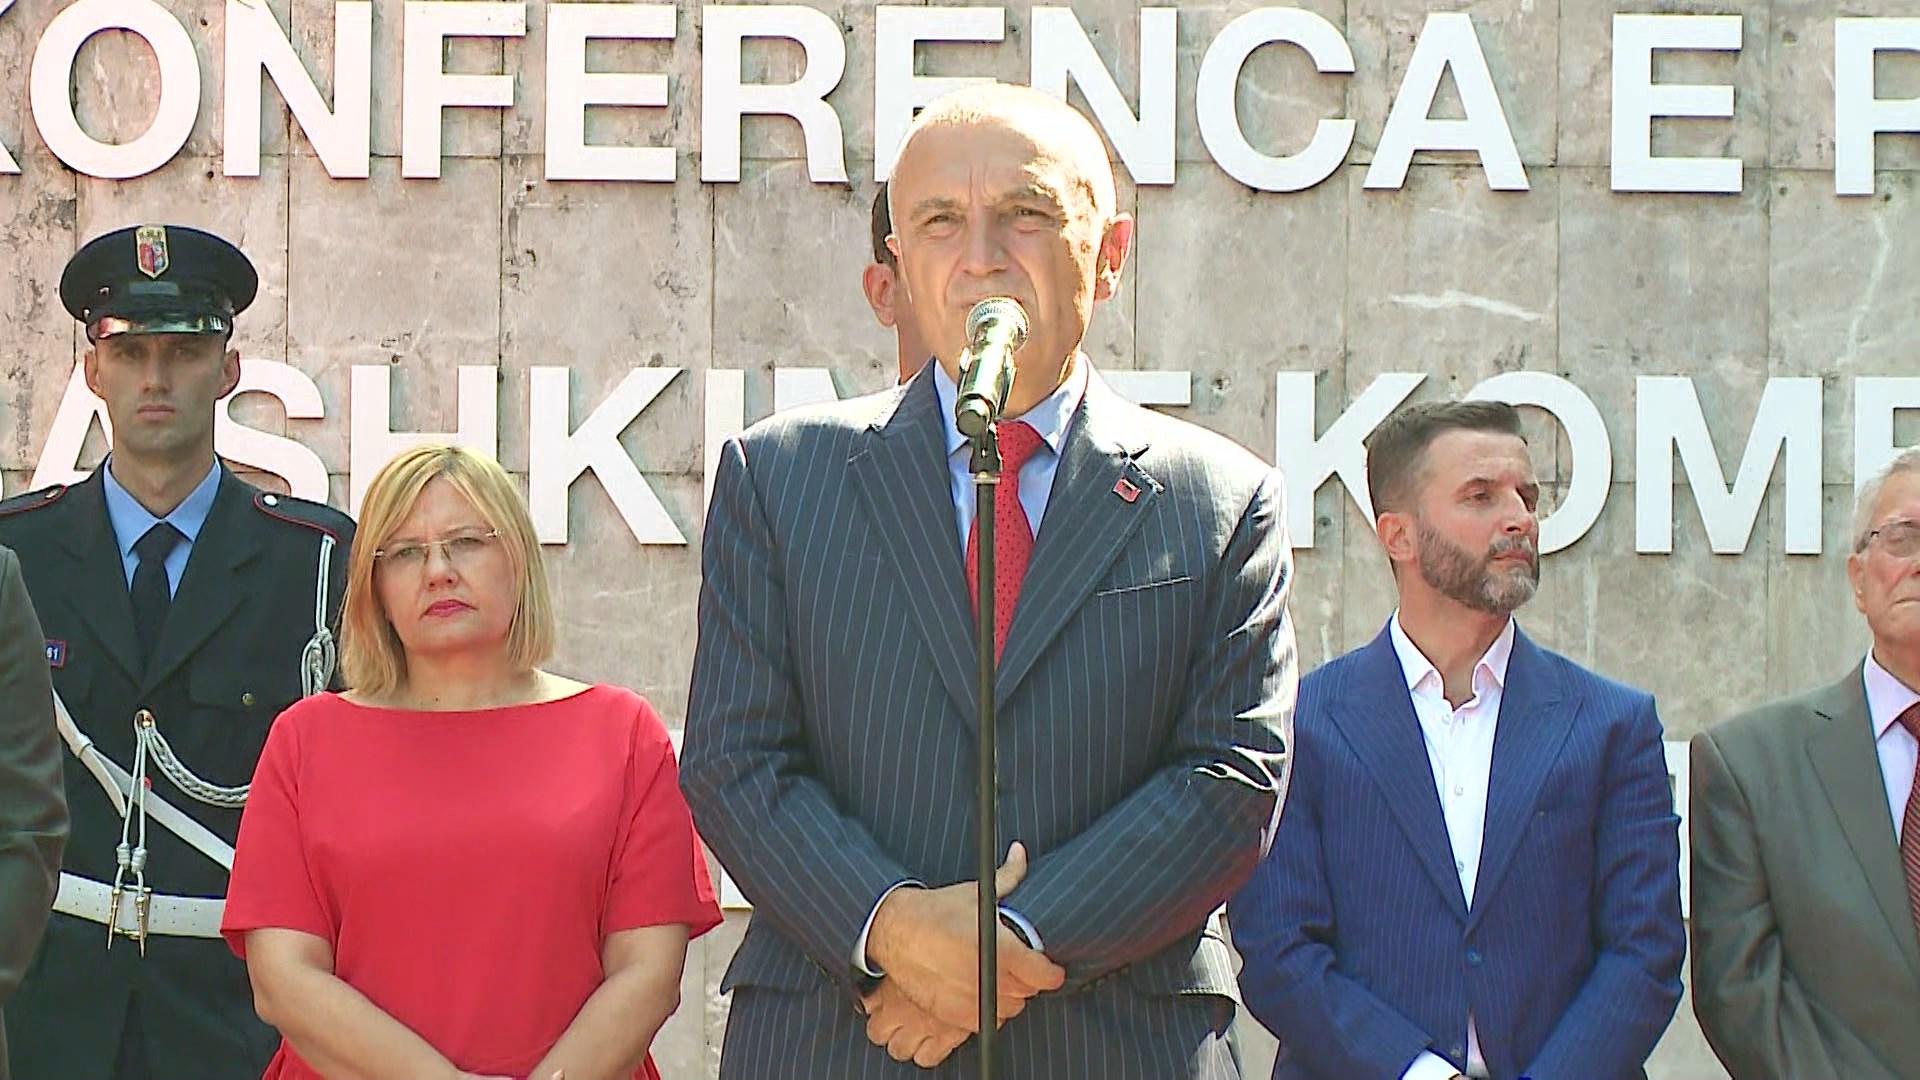 77 vjetori i Konferencës së Pezës, Presidenti e mazhoranca mesazhe për integrimin në BE